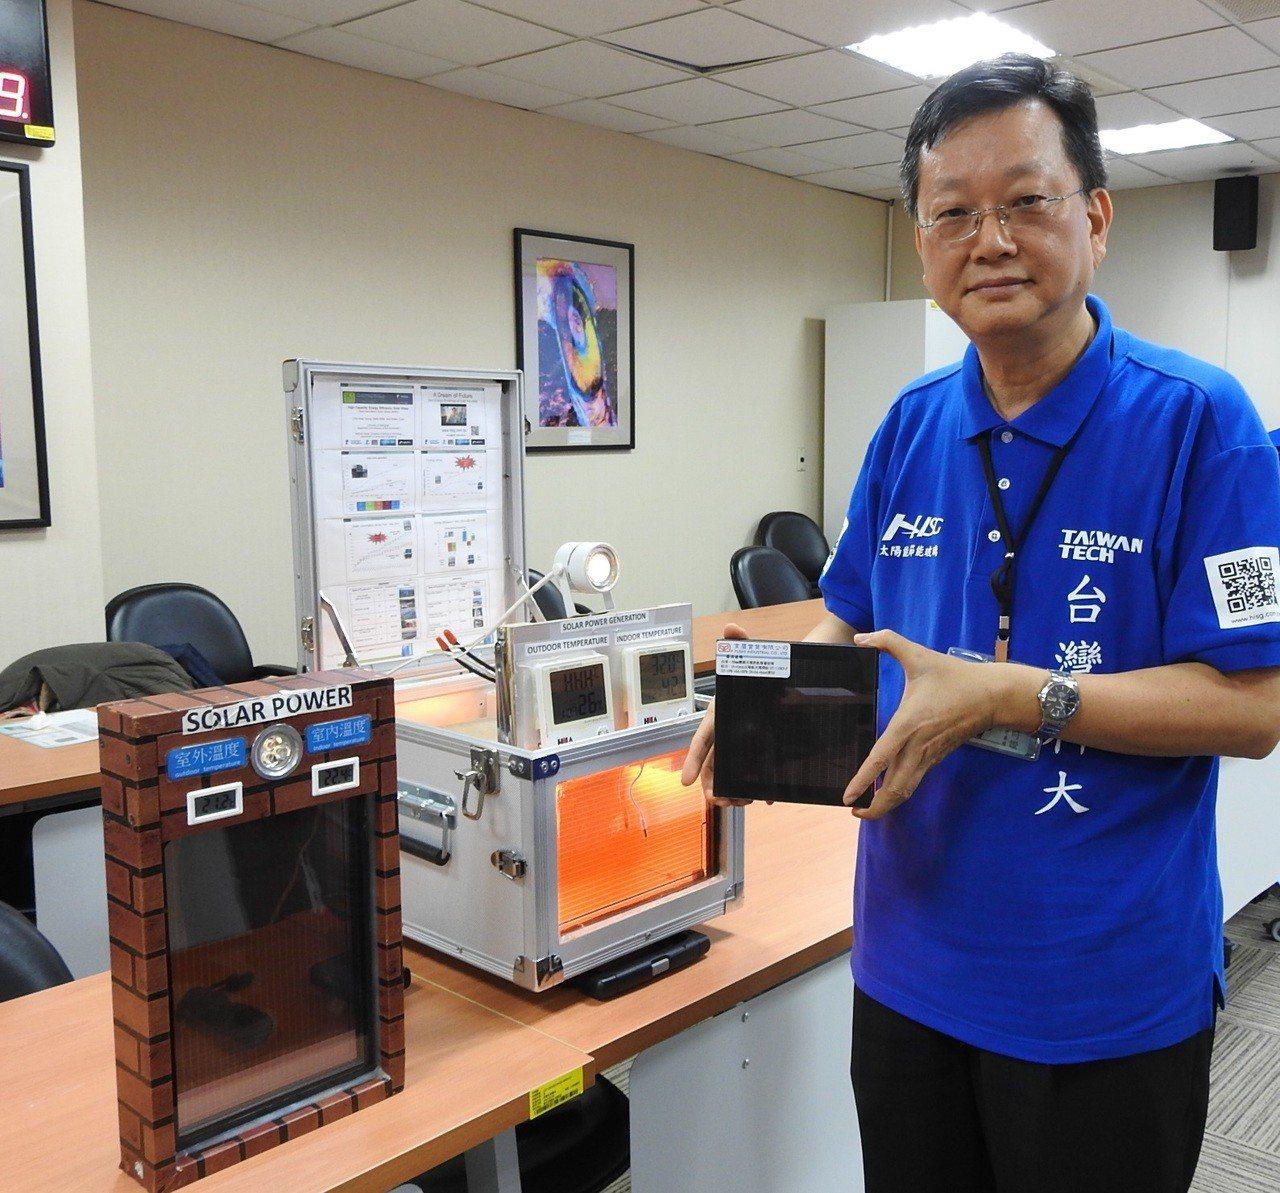 台灣科技大學教授楊錦懷成功研發出世界上效率最高,結合透視、隔熱與發電之三機一體太...